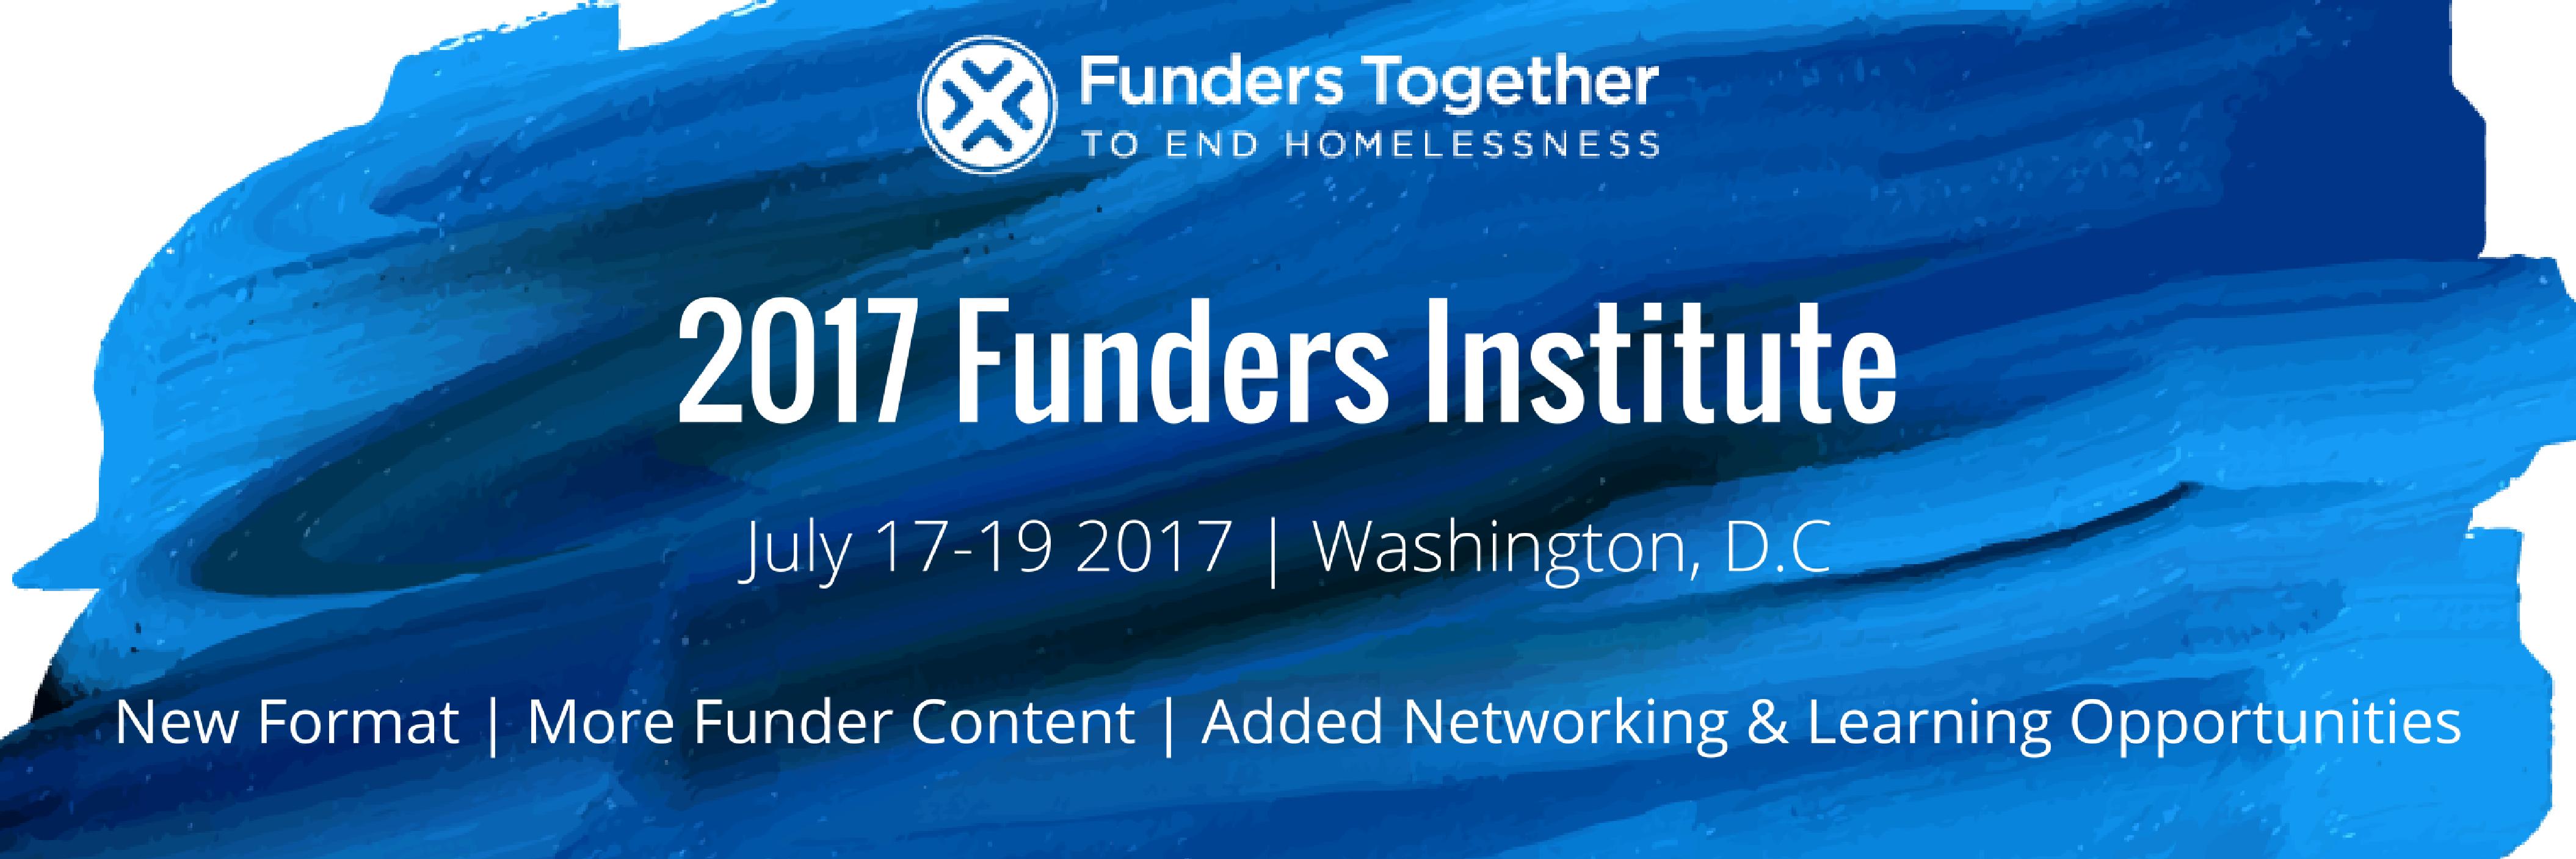 2017_Funders_Institute_Slider_Registration_(1).png